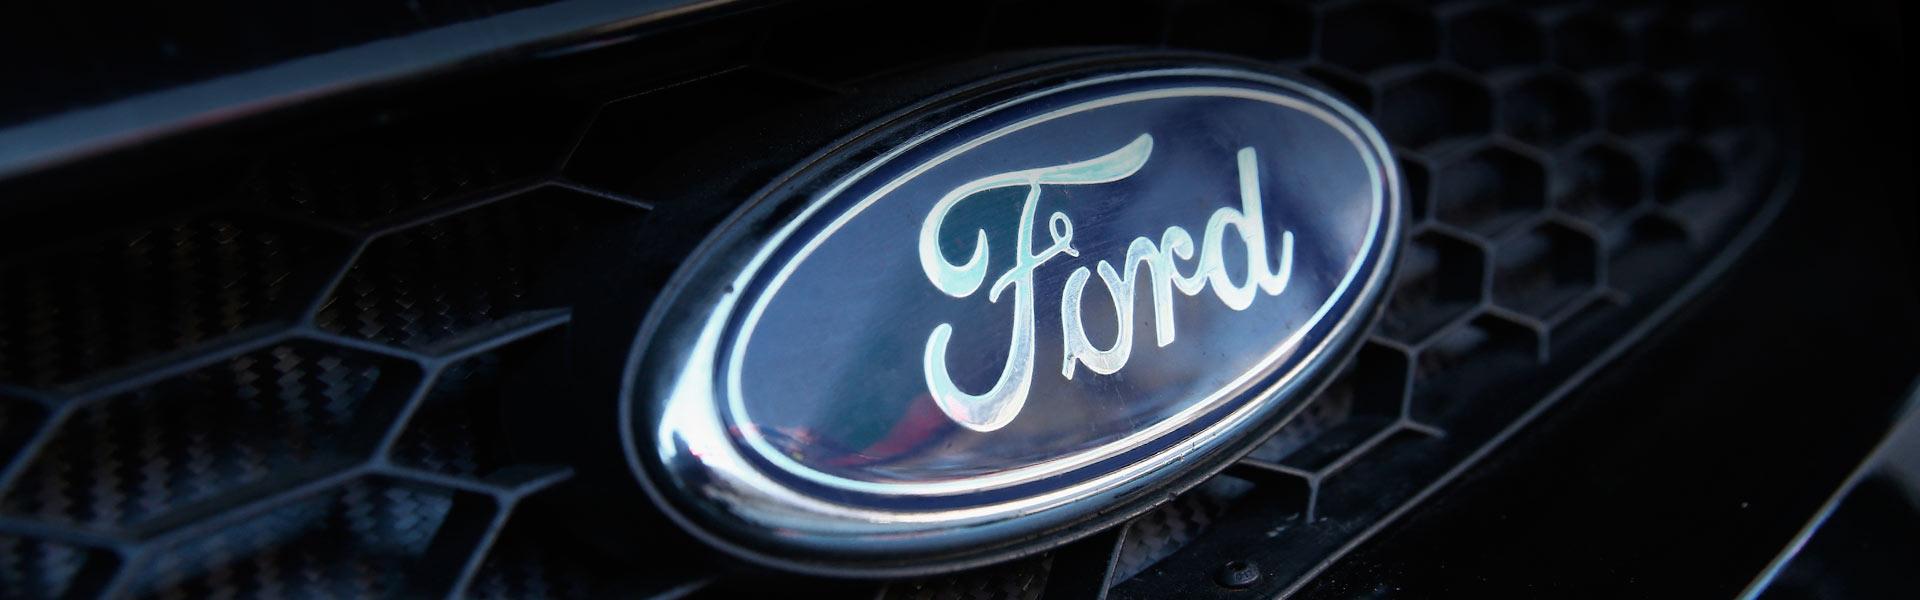 Замена рулевой тяги Форд Фокус